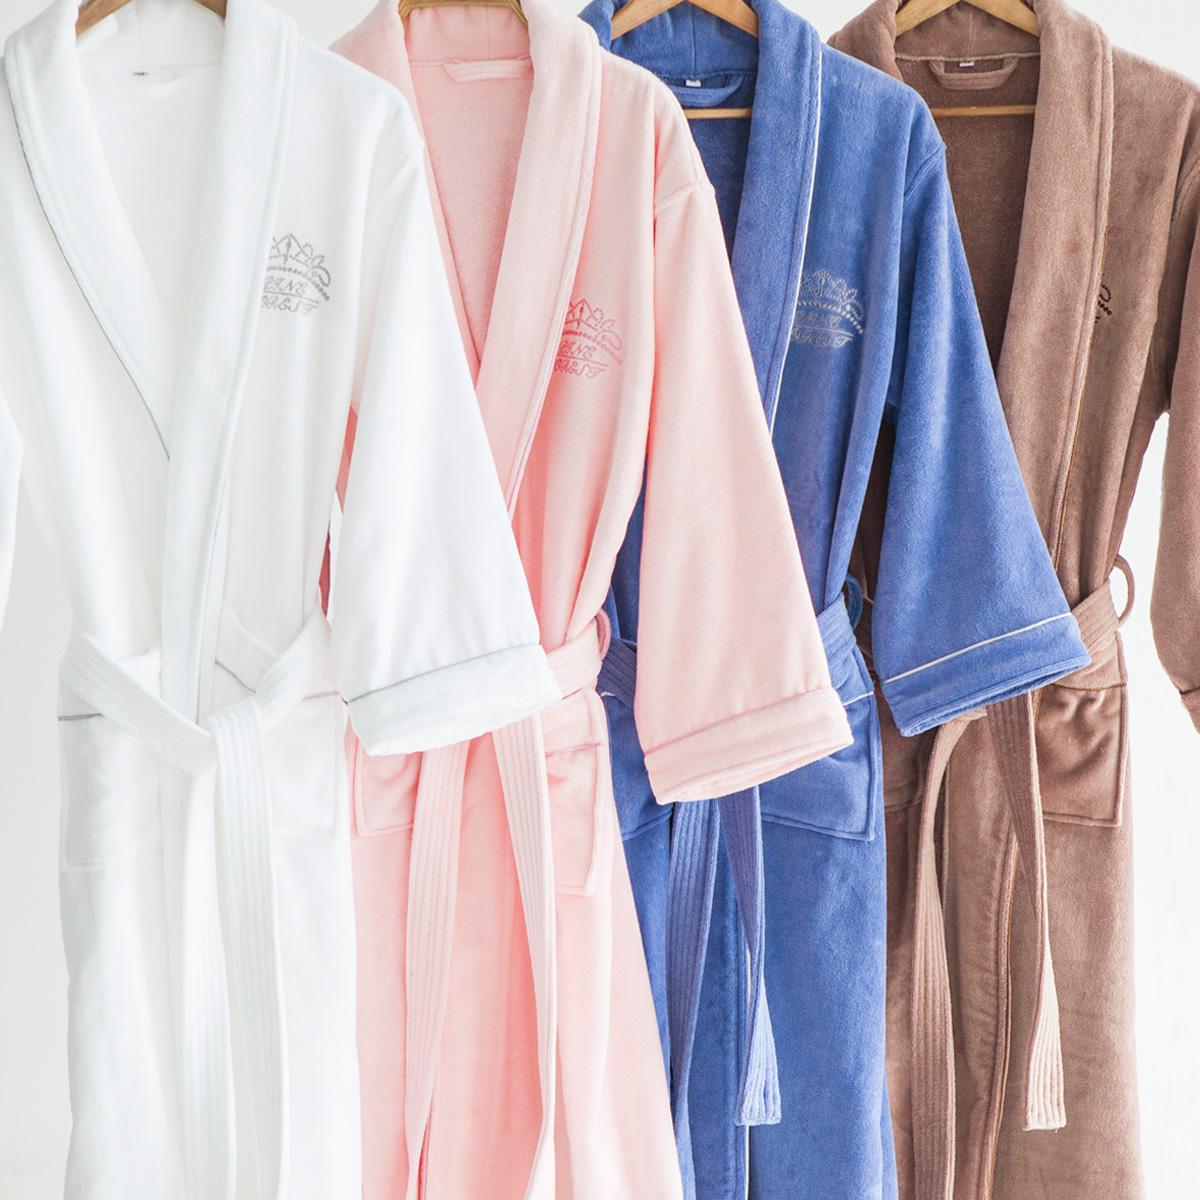 Сосна лес пять звезд уровень отели хлопок халаты мужской и женщины ученый любители ткань для полотенец для взрослых хлопок ванна одежда мягкий абсорбент